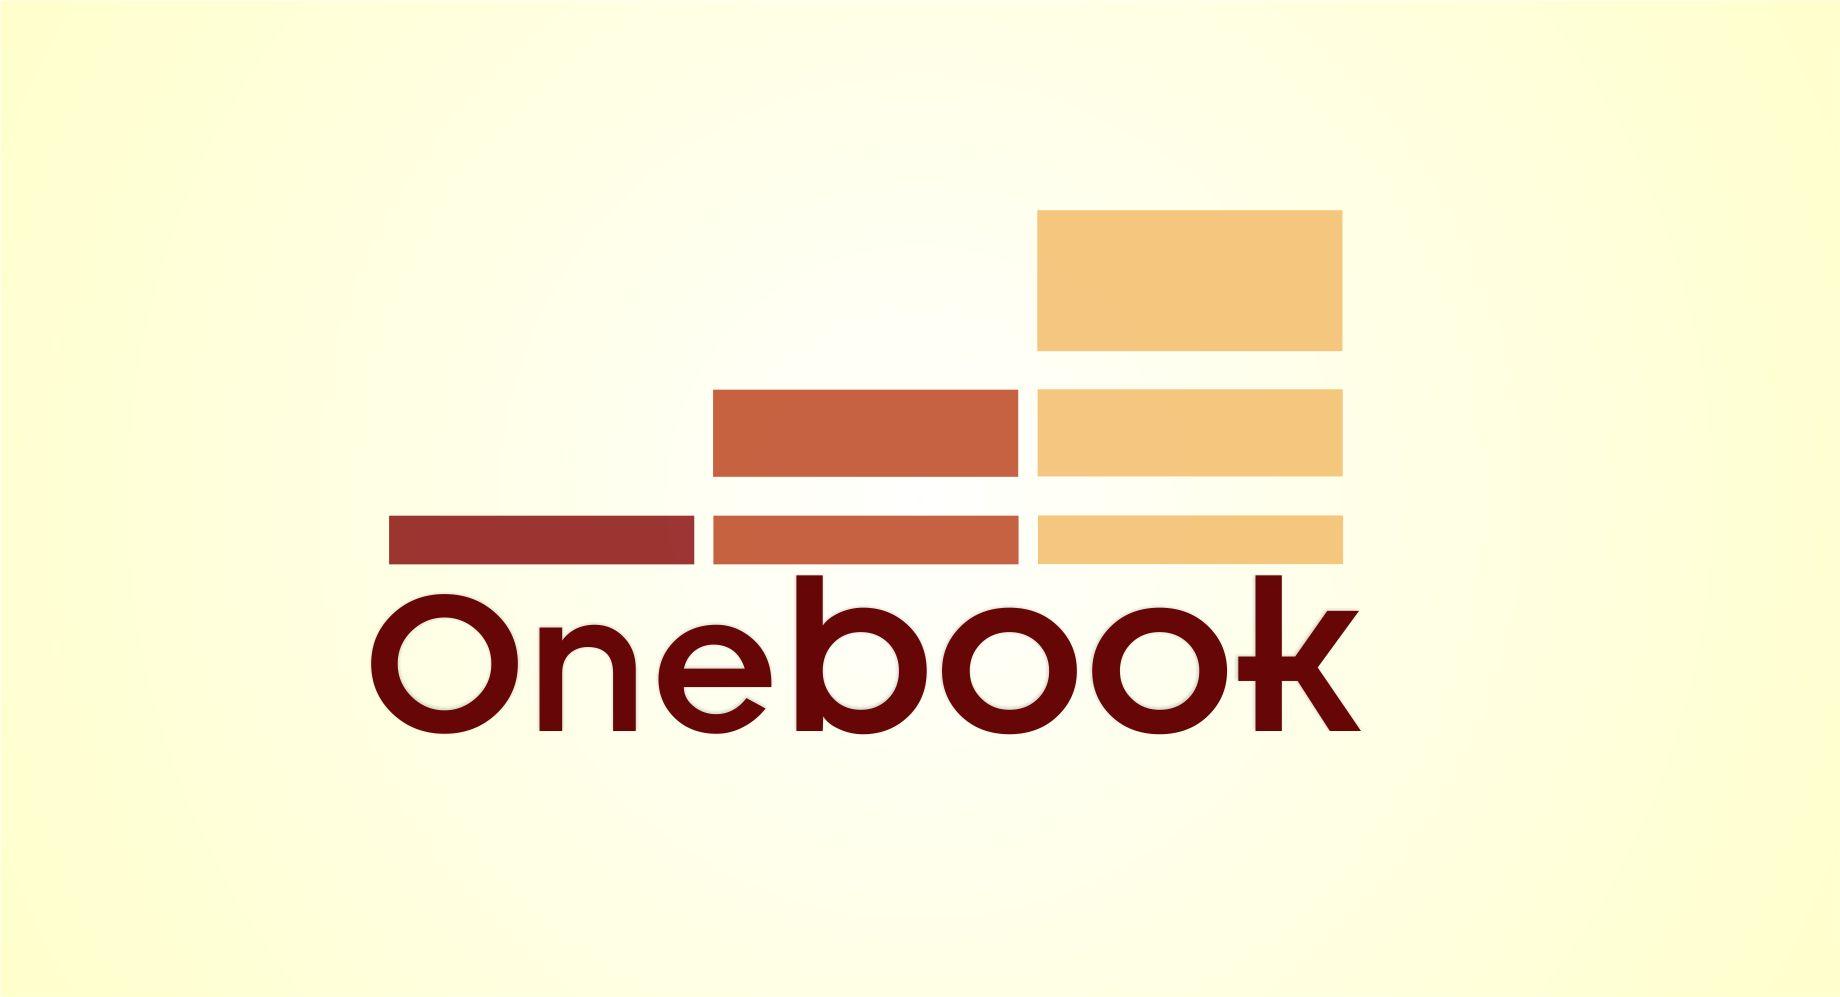 Логотип для цифровой книжной типографии. фото f_4cbef22881e97.jpg